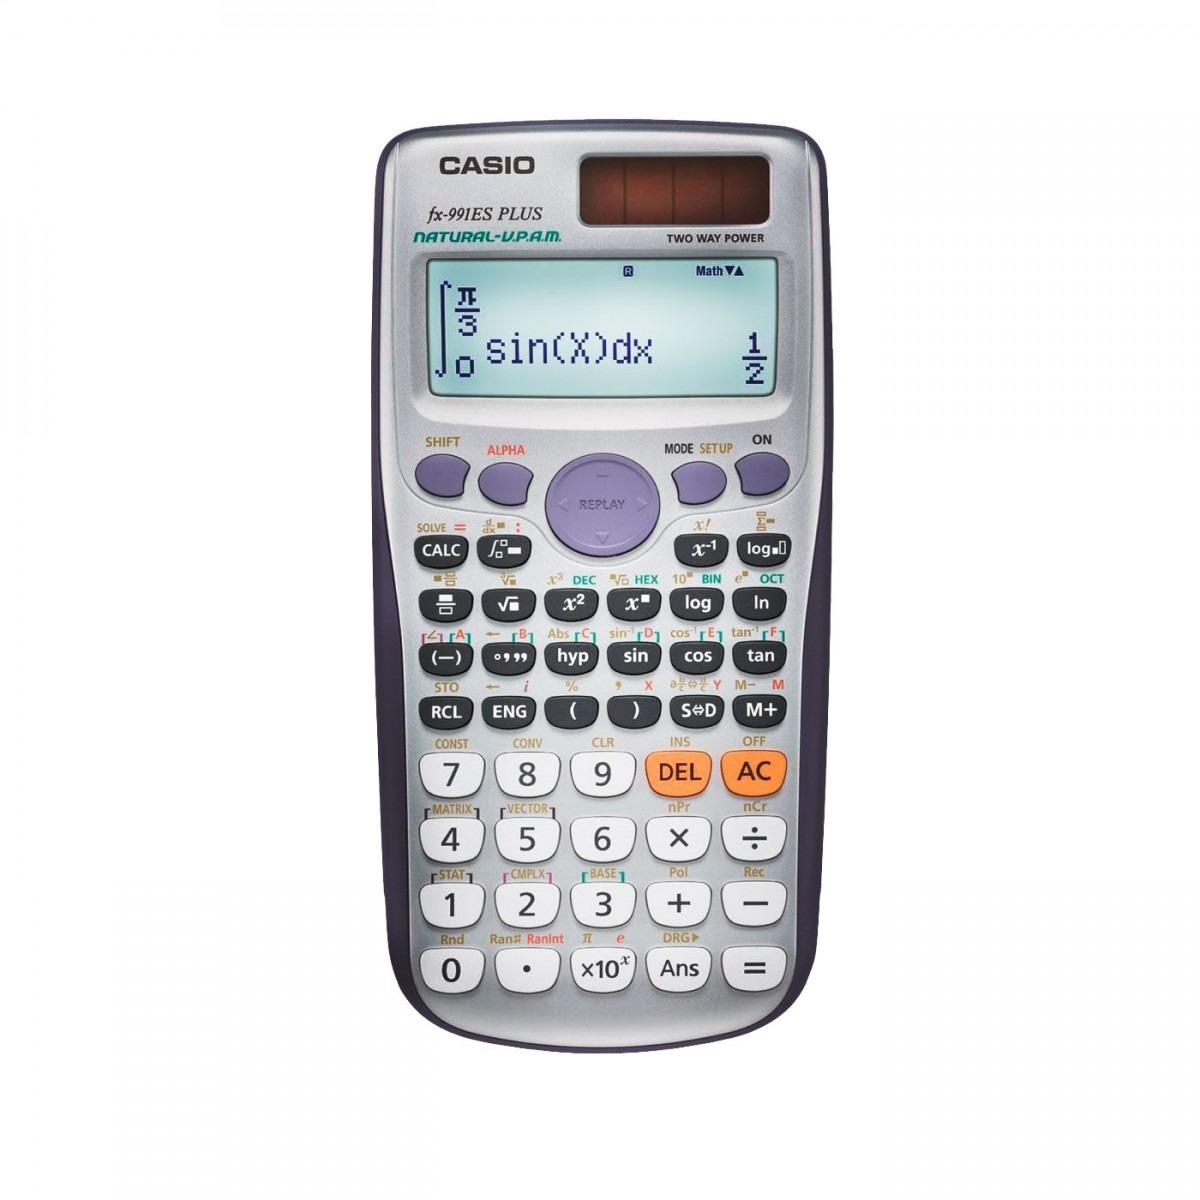 4457a19ca18 Calculadora Científica Casio Fx-991es Plus Com 417 Funções - R  94 ...